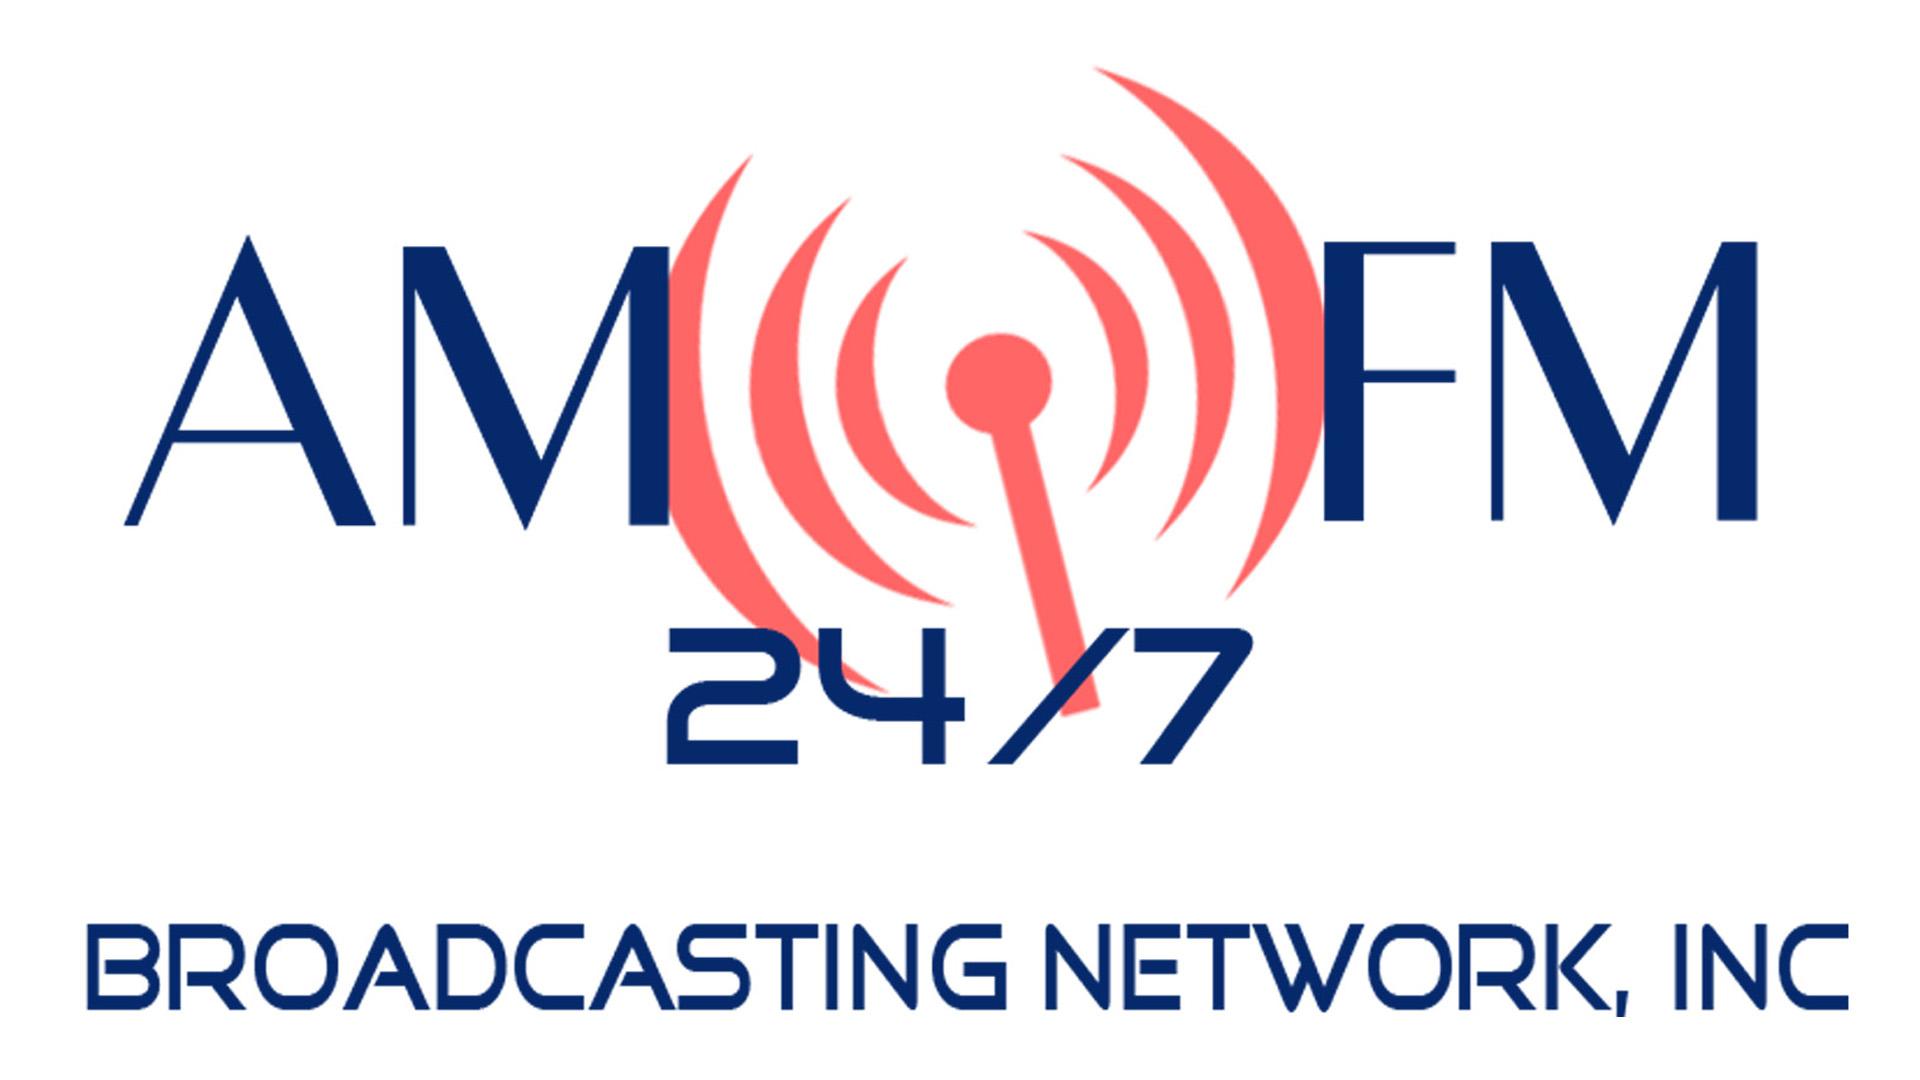 WAMF-DB 87.9 FM